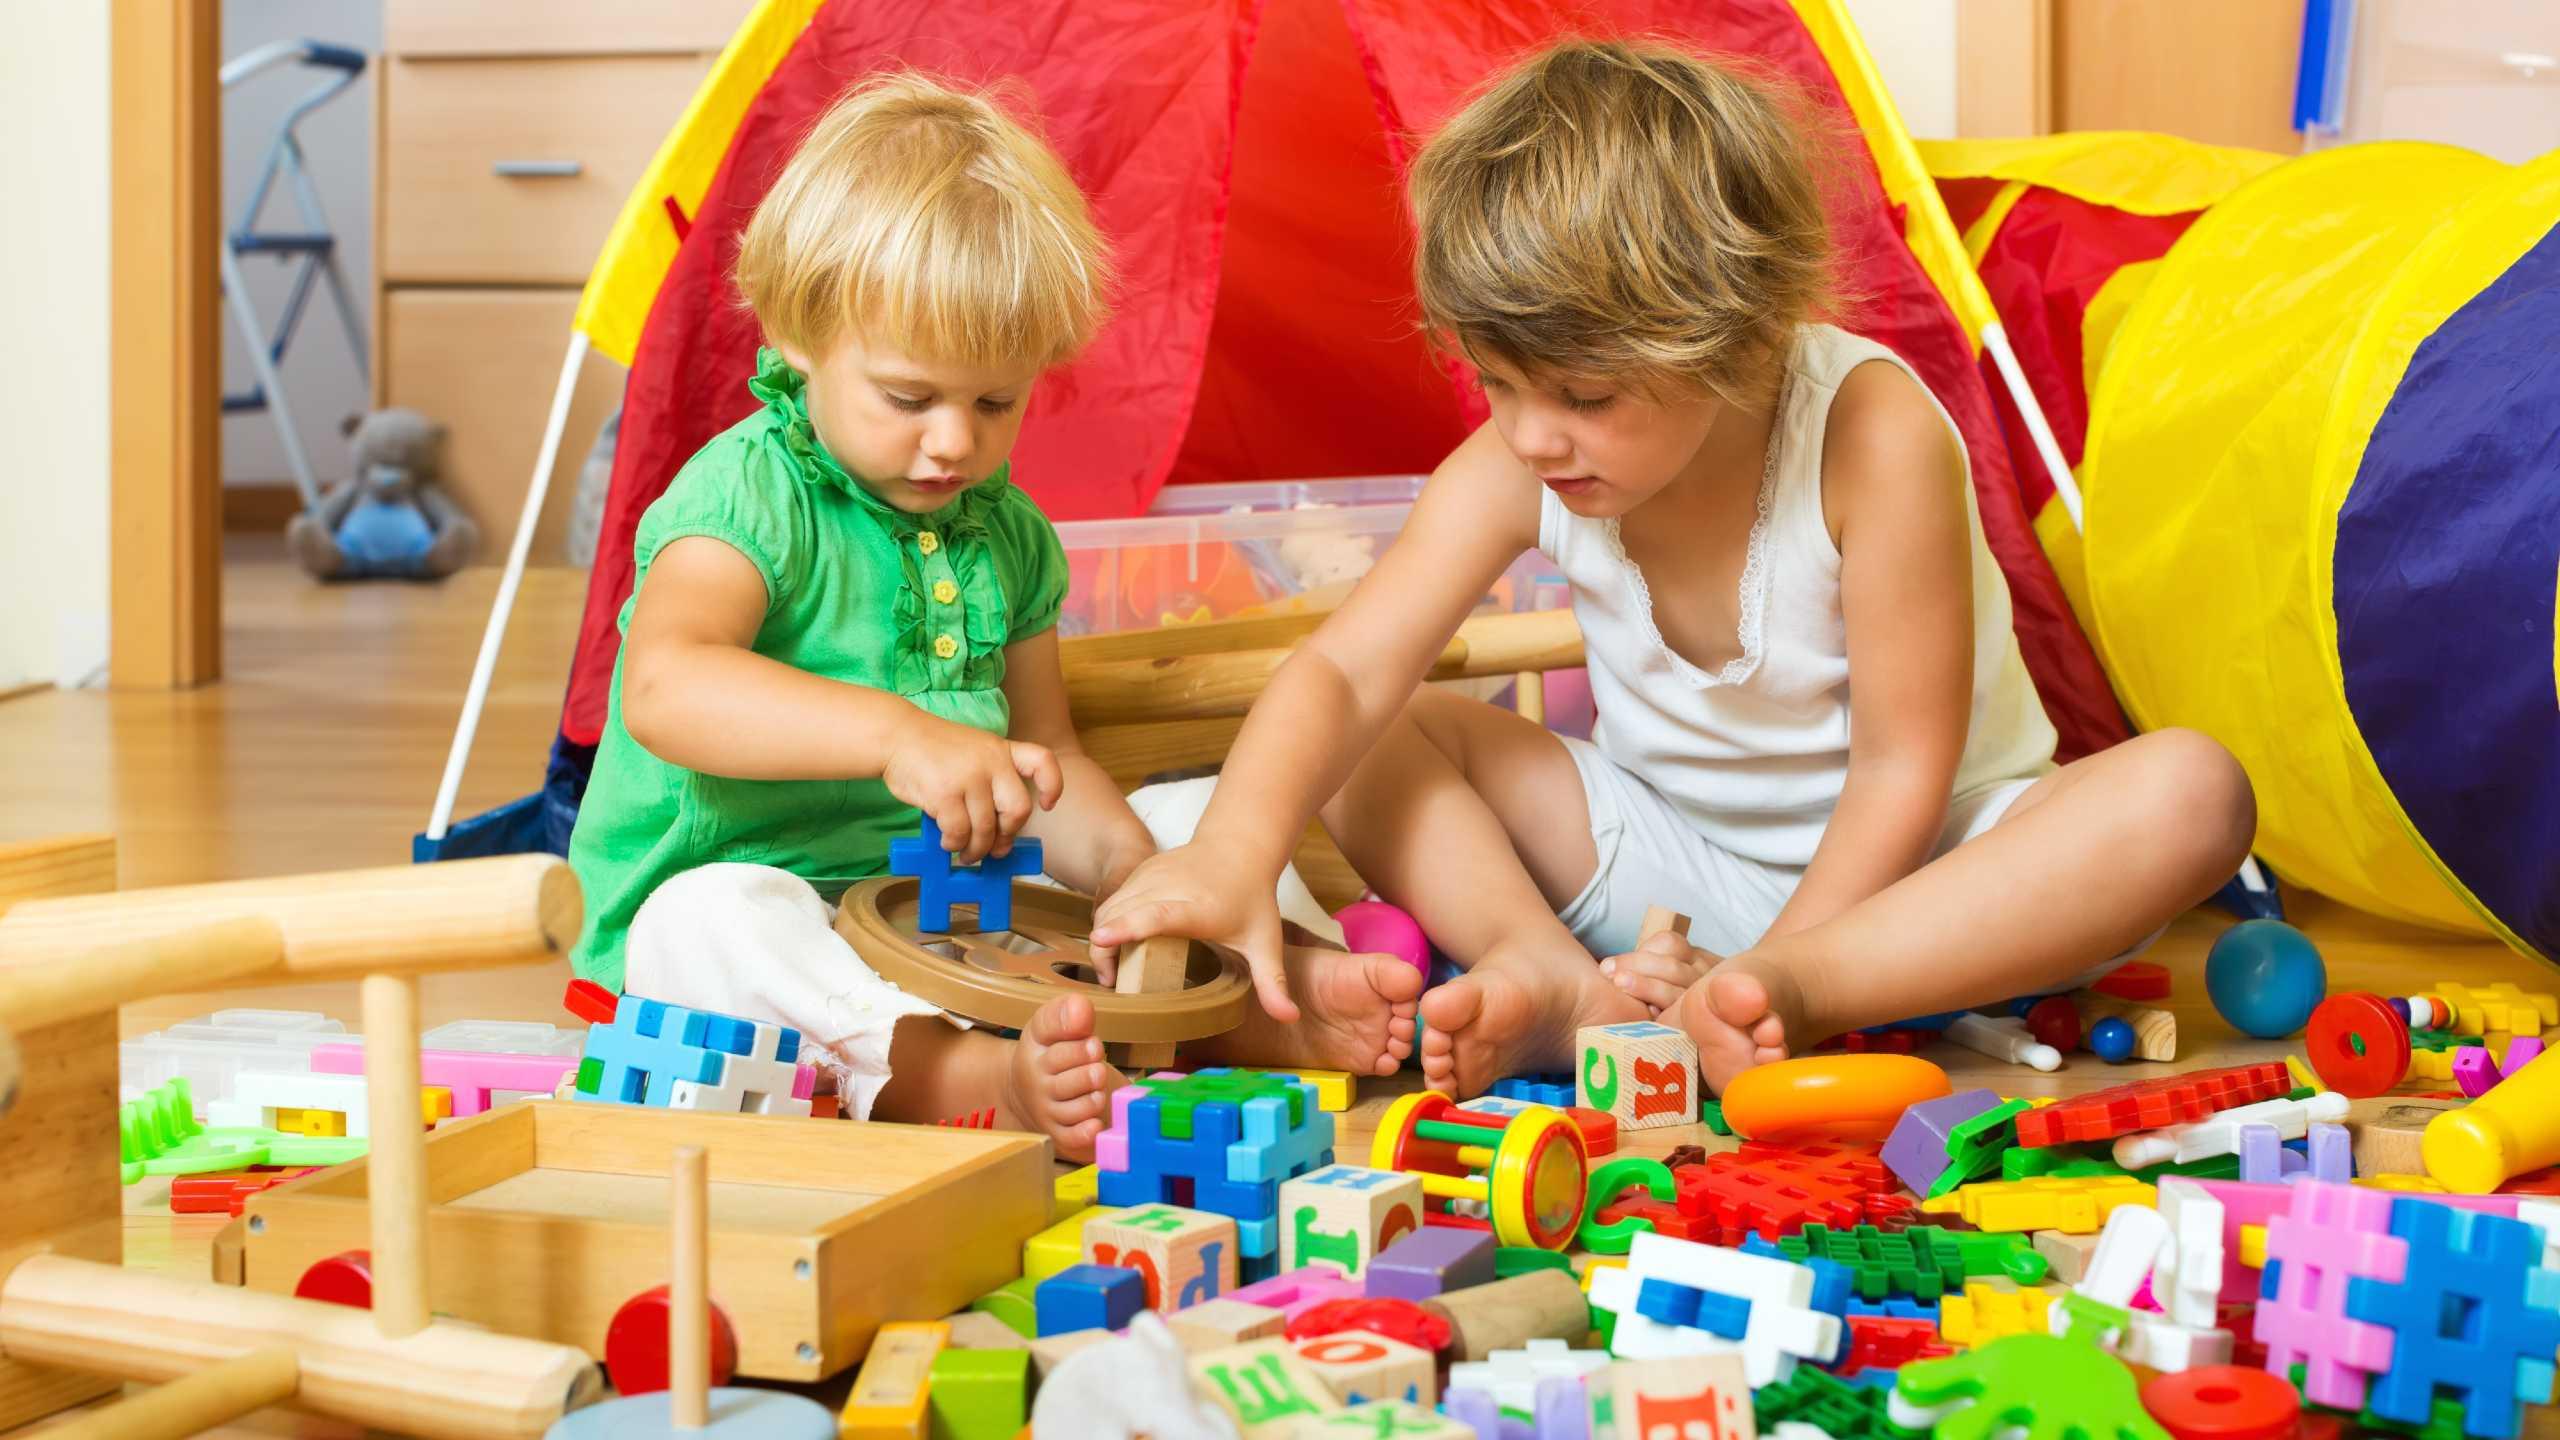 Niños jugando con juguetes armables de diferentes colores